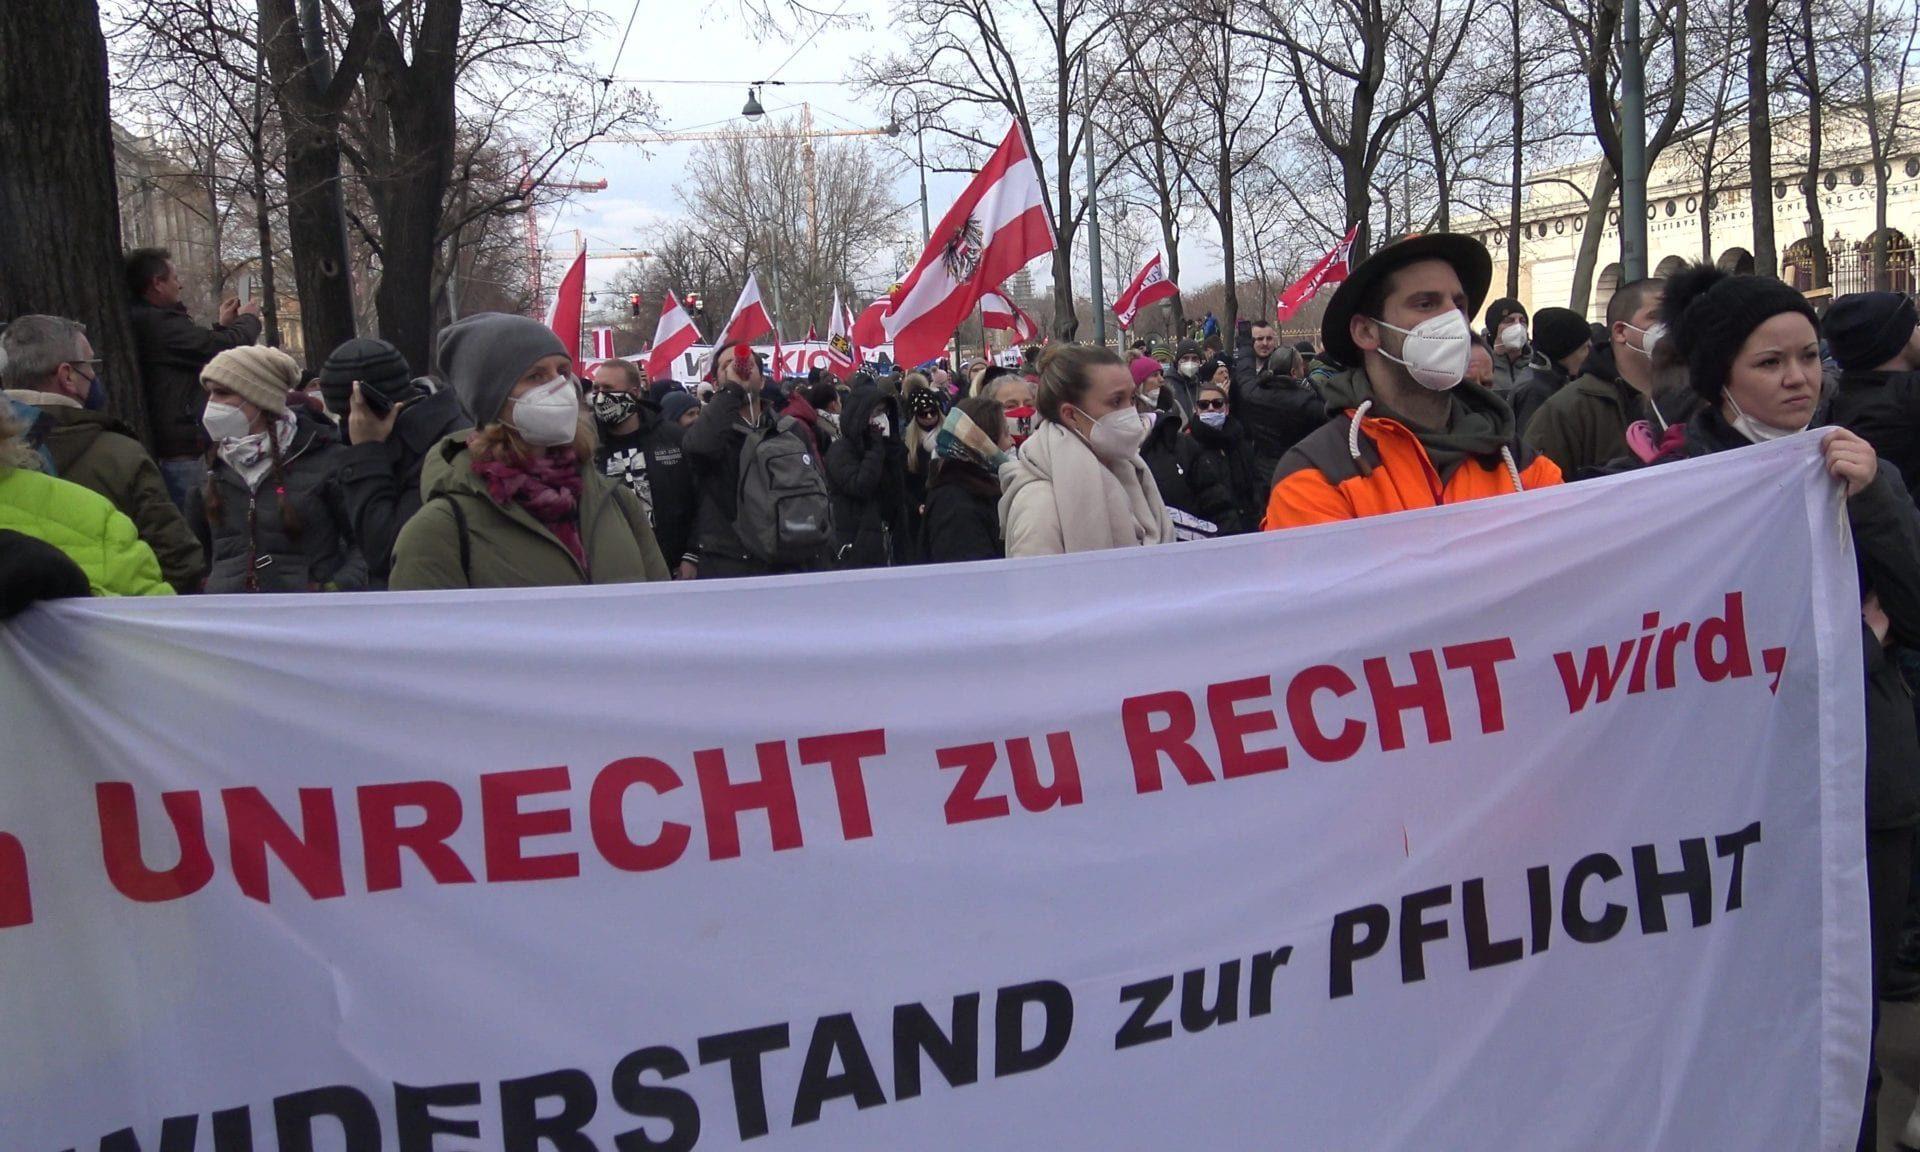 Das Volk ist nicht aufzuhalten: Tausende Bürger kamen trotz Demo-Verbot zur Kundgebung in Wien